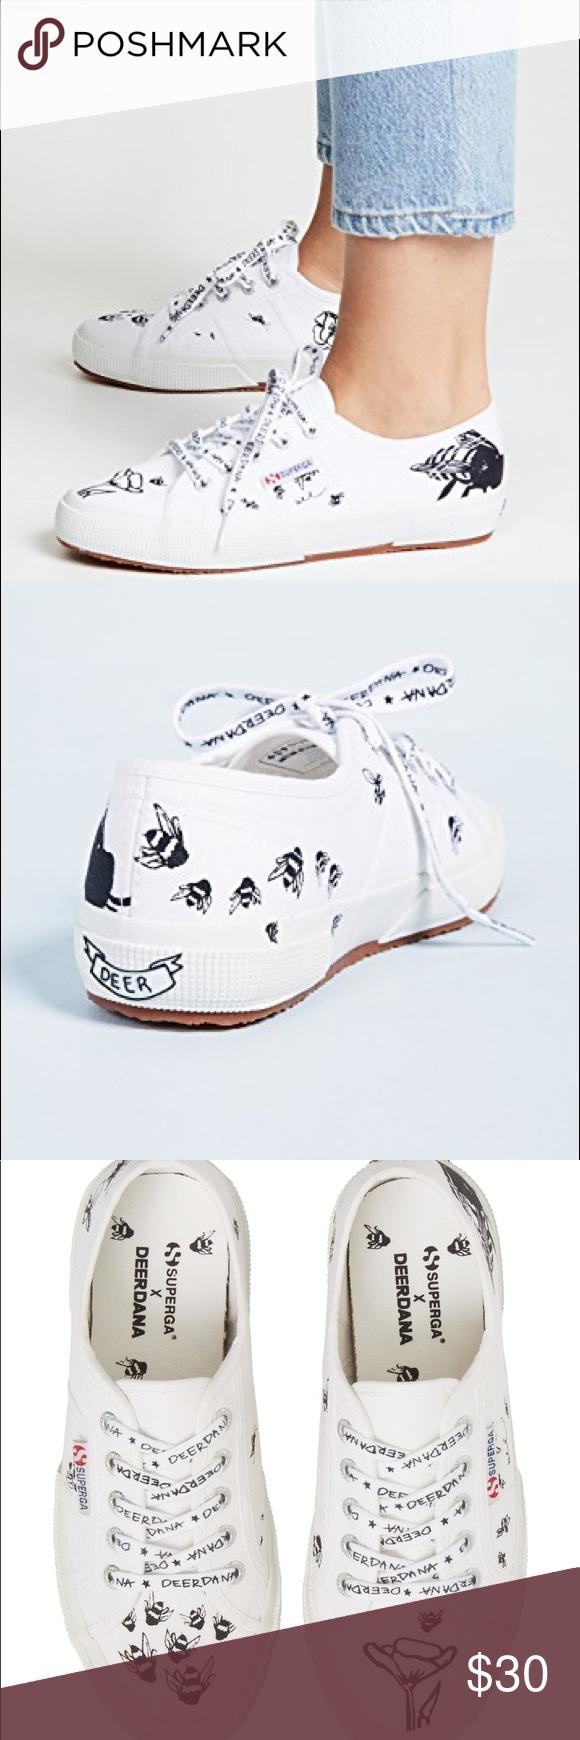 Superga unisex bee design tennis shoes